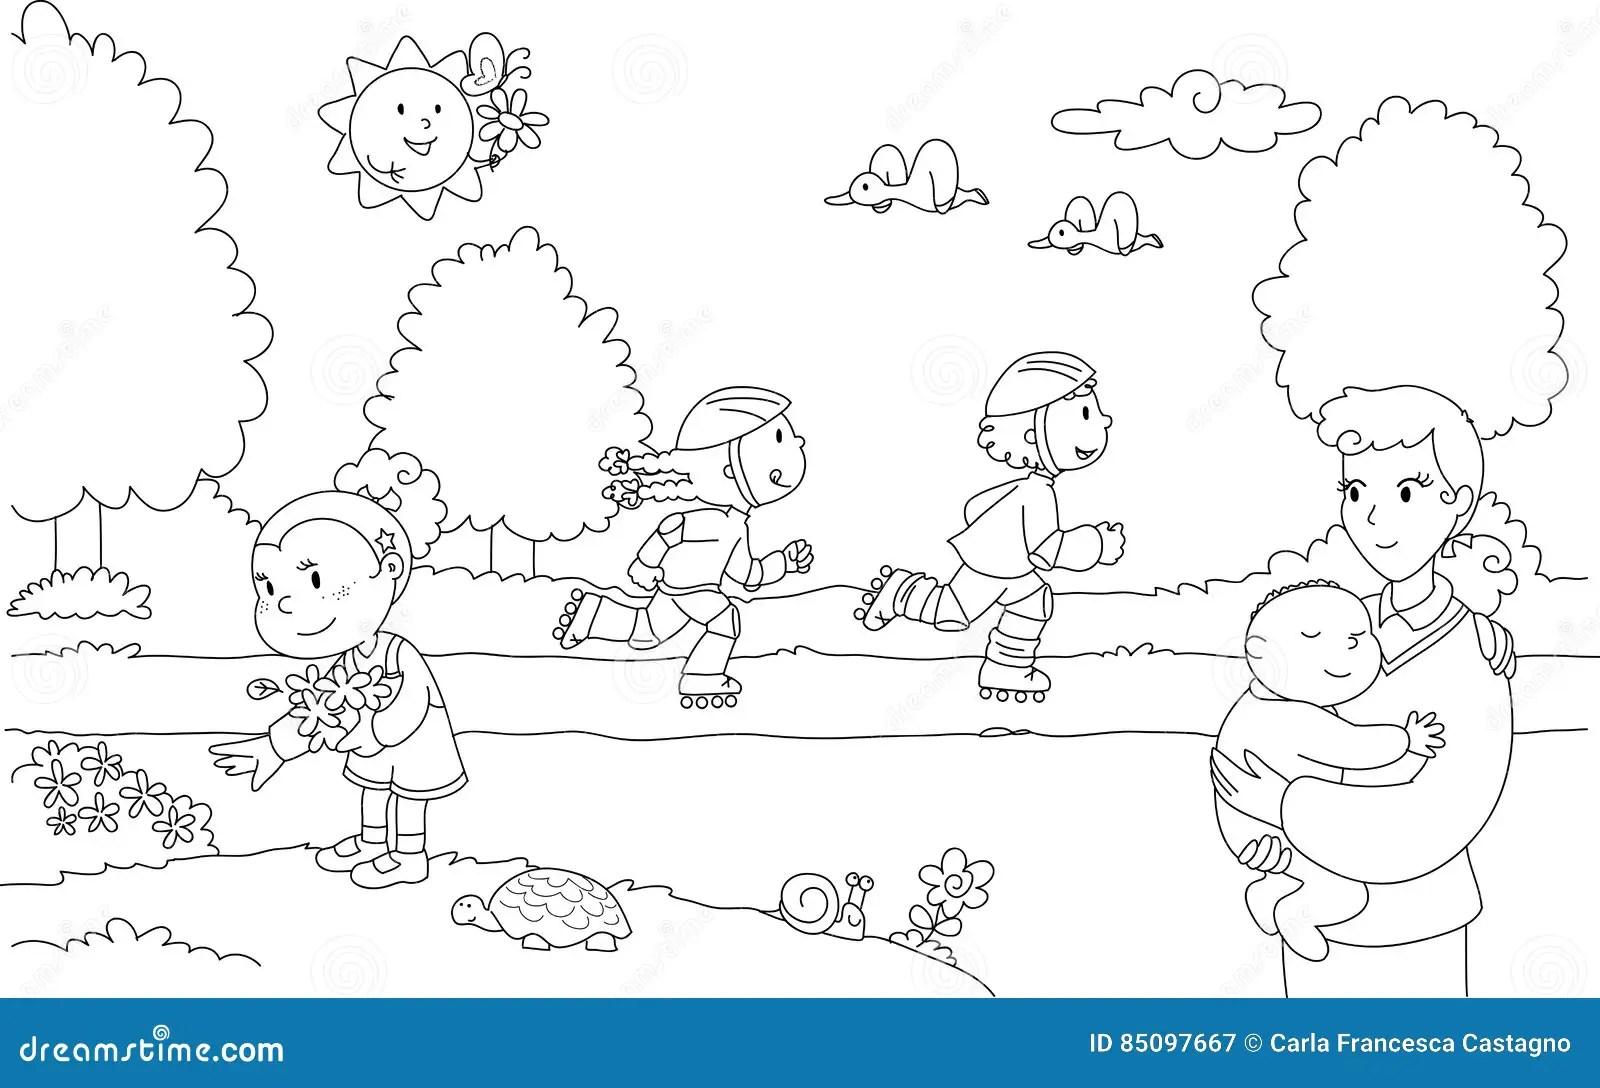 公园的人们 向量例证. 插画 包括有 国家(地区), 愉快, 妈妈, 子项, 人们, 友谊, 比赛, 着色